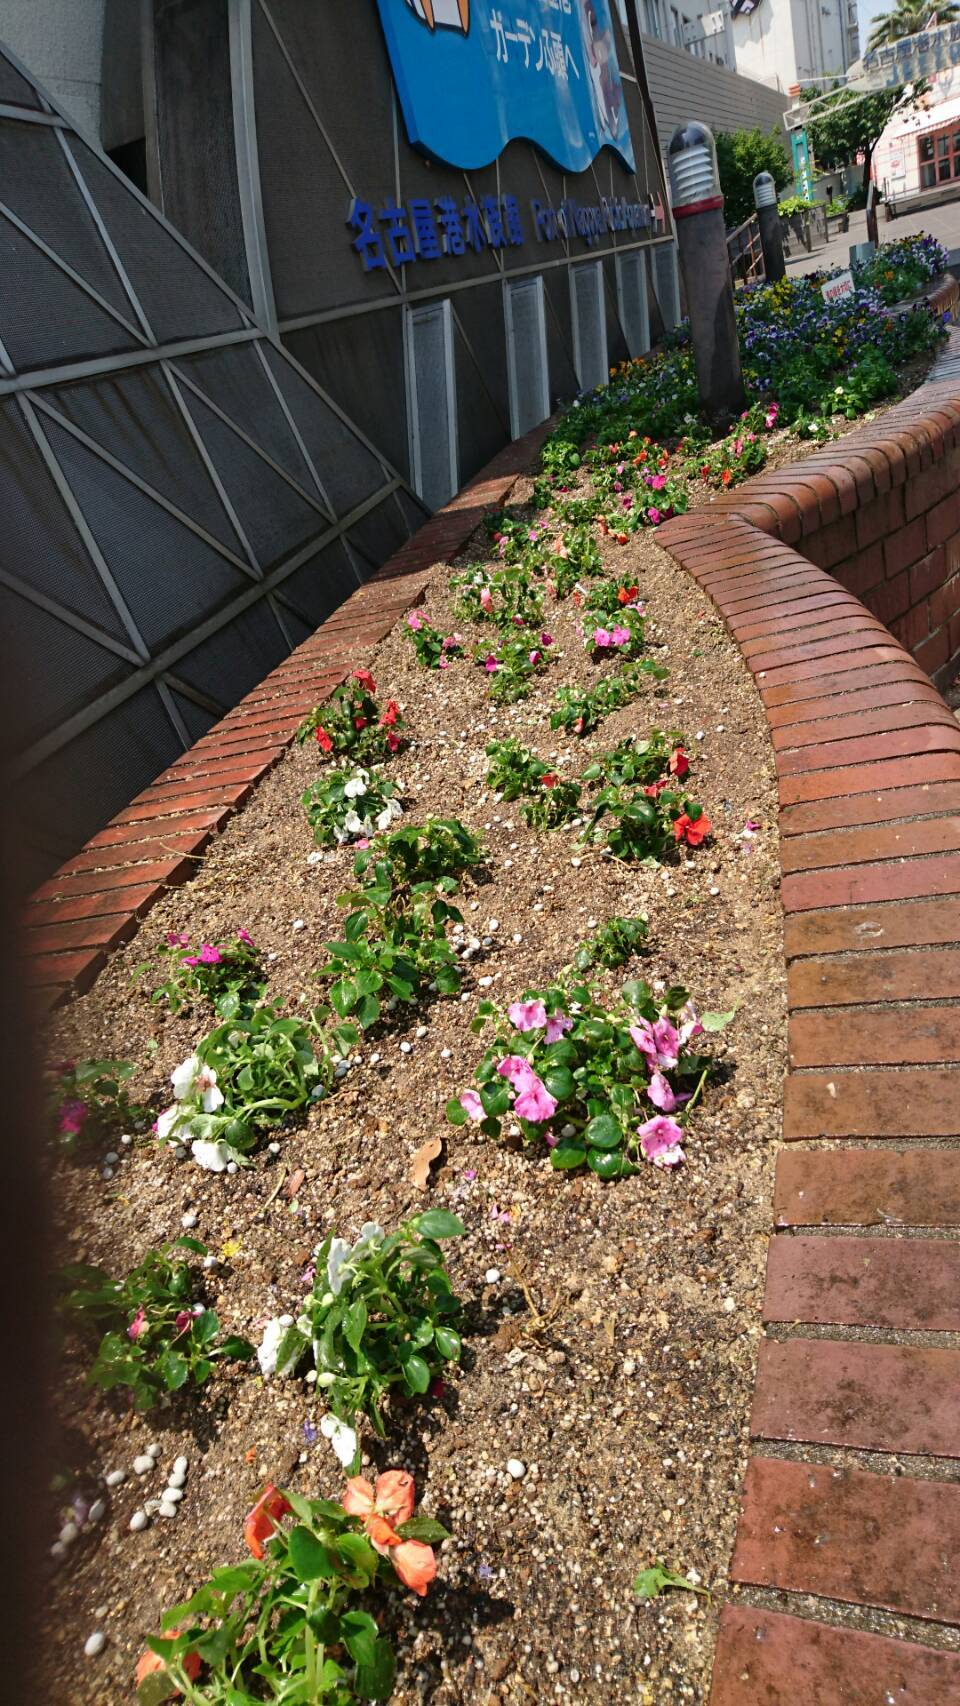 ガーデンふ頭総合案内所前花壇の植替えH29.5.22_d0338682_10224073.jpg